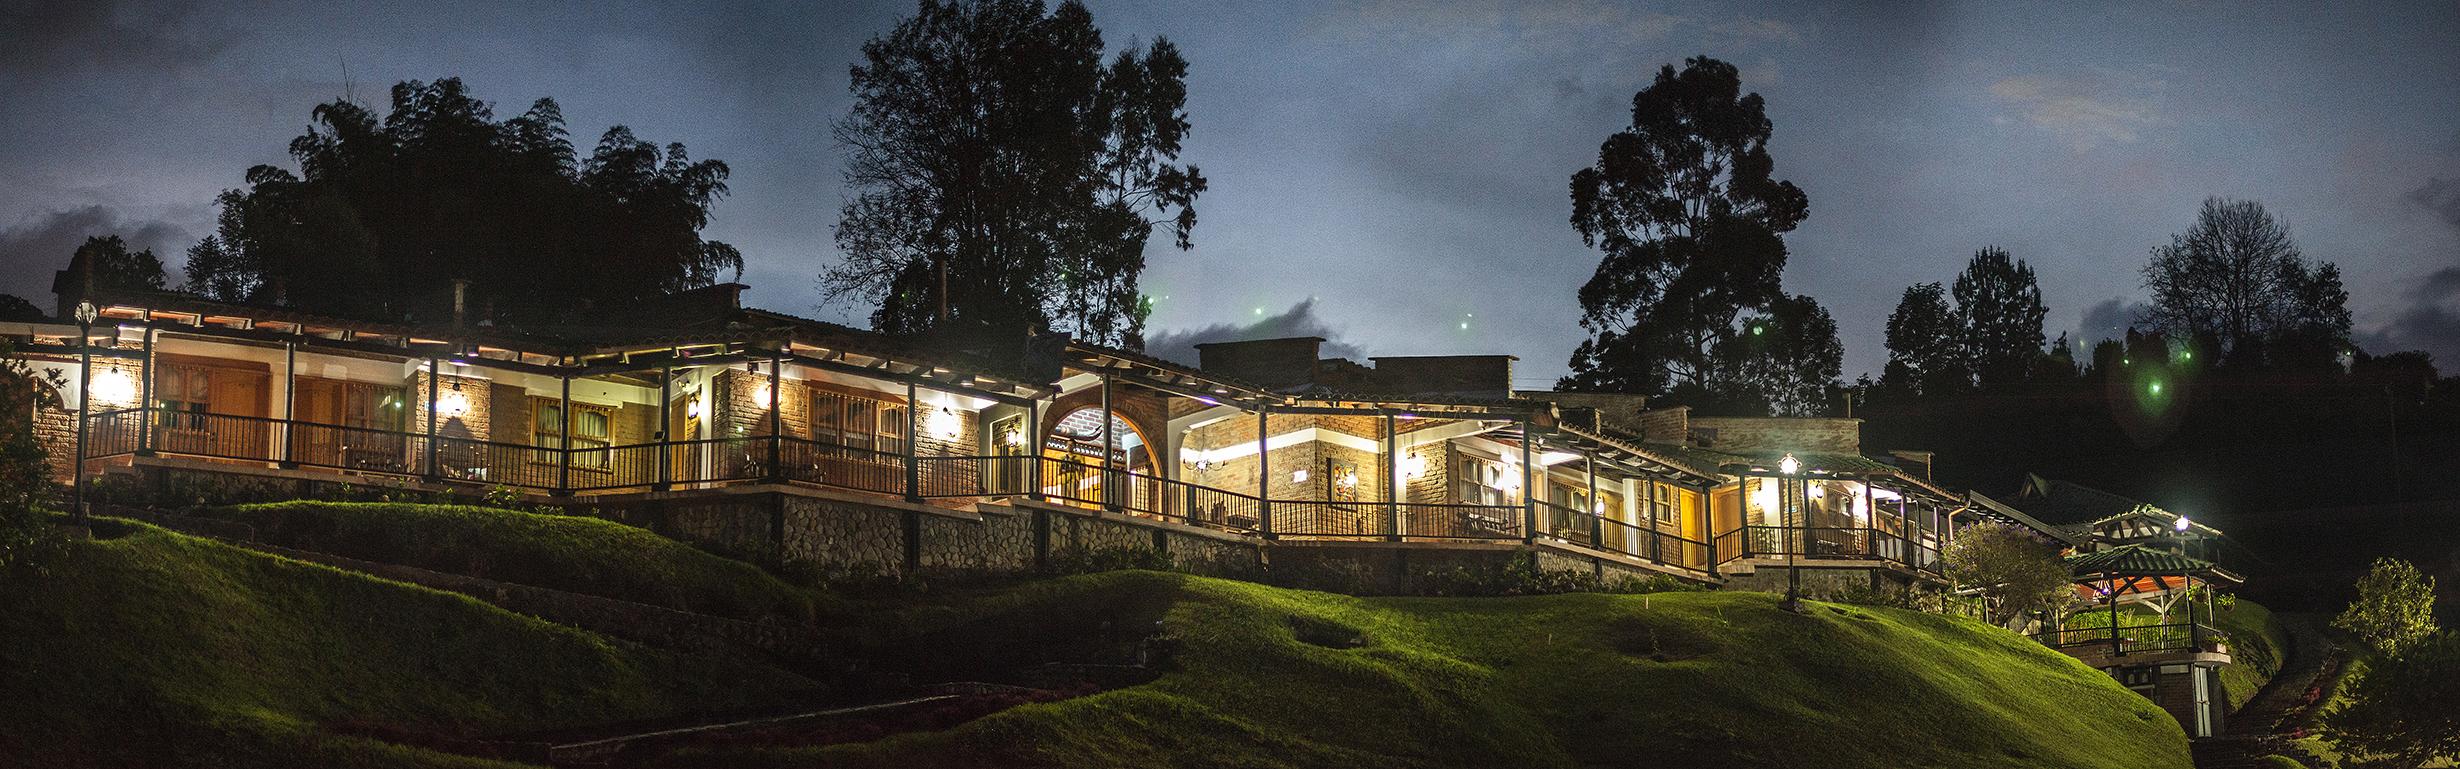 Rancho San Antonio Hotel _Fotos_SantiagoPascual__116